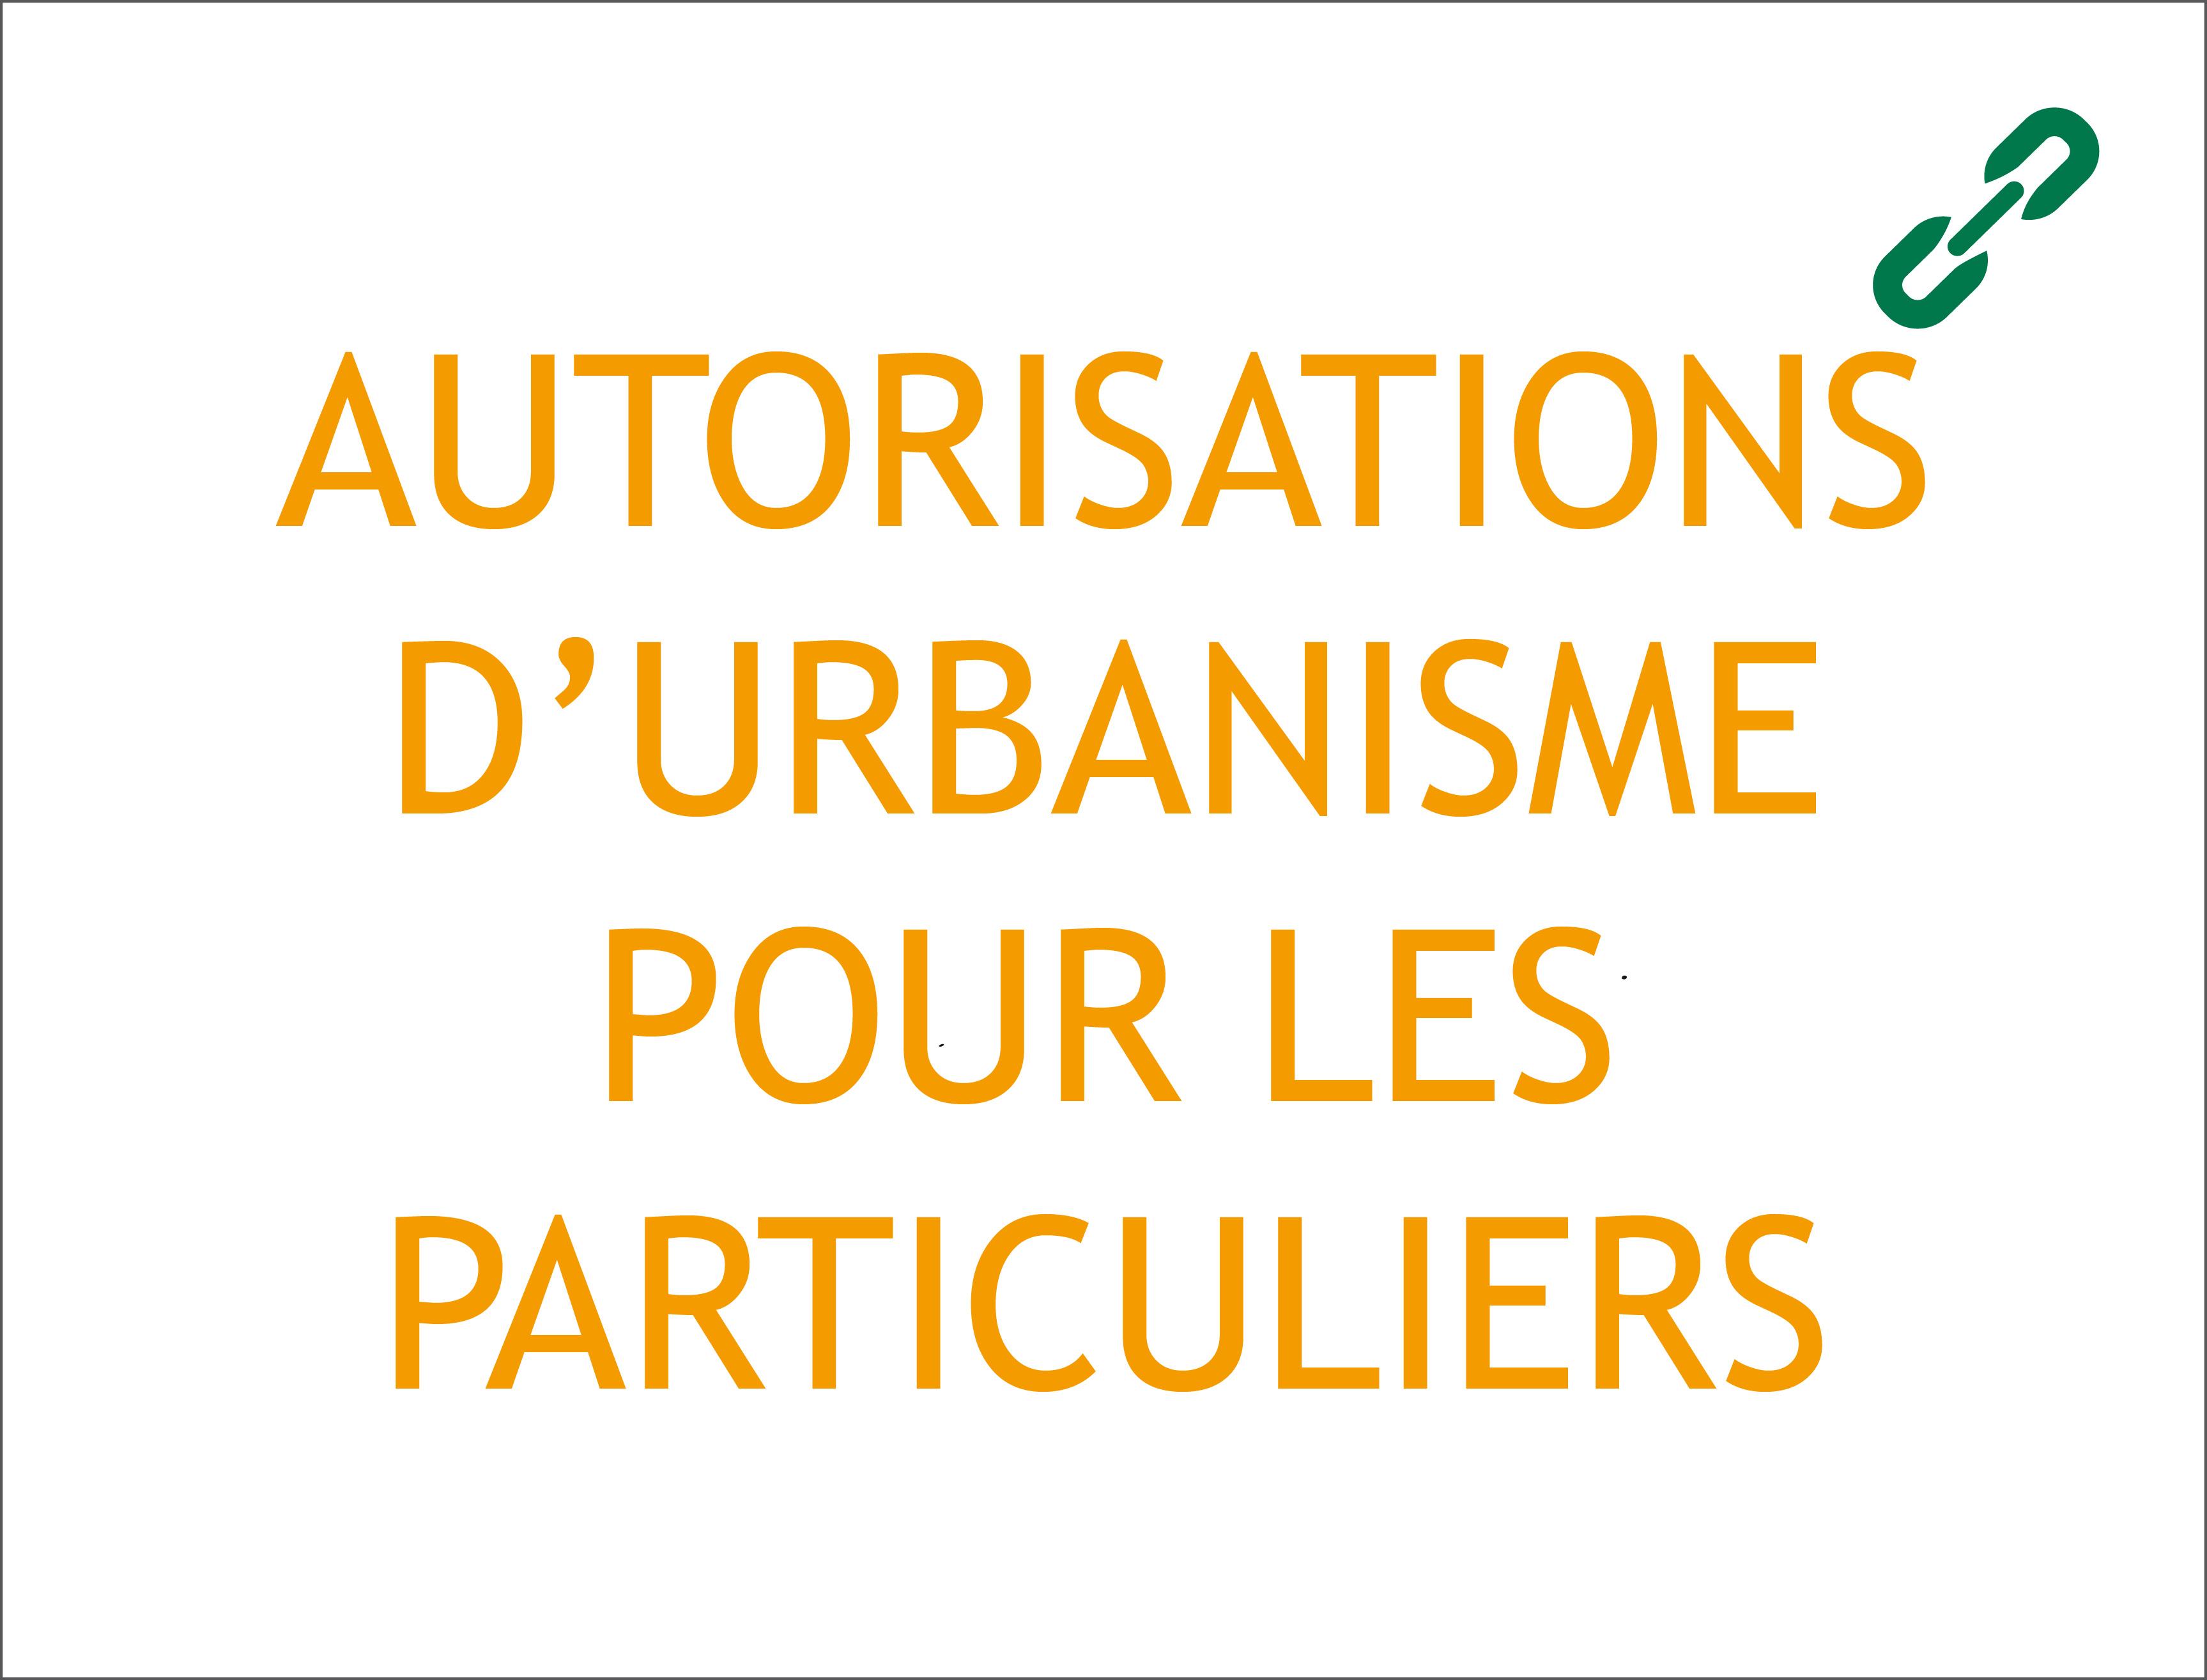 AUTORIASATIONS D'URBANISME POUR LES PARTICULIERS